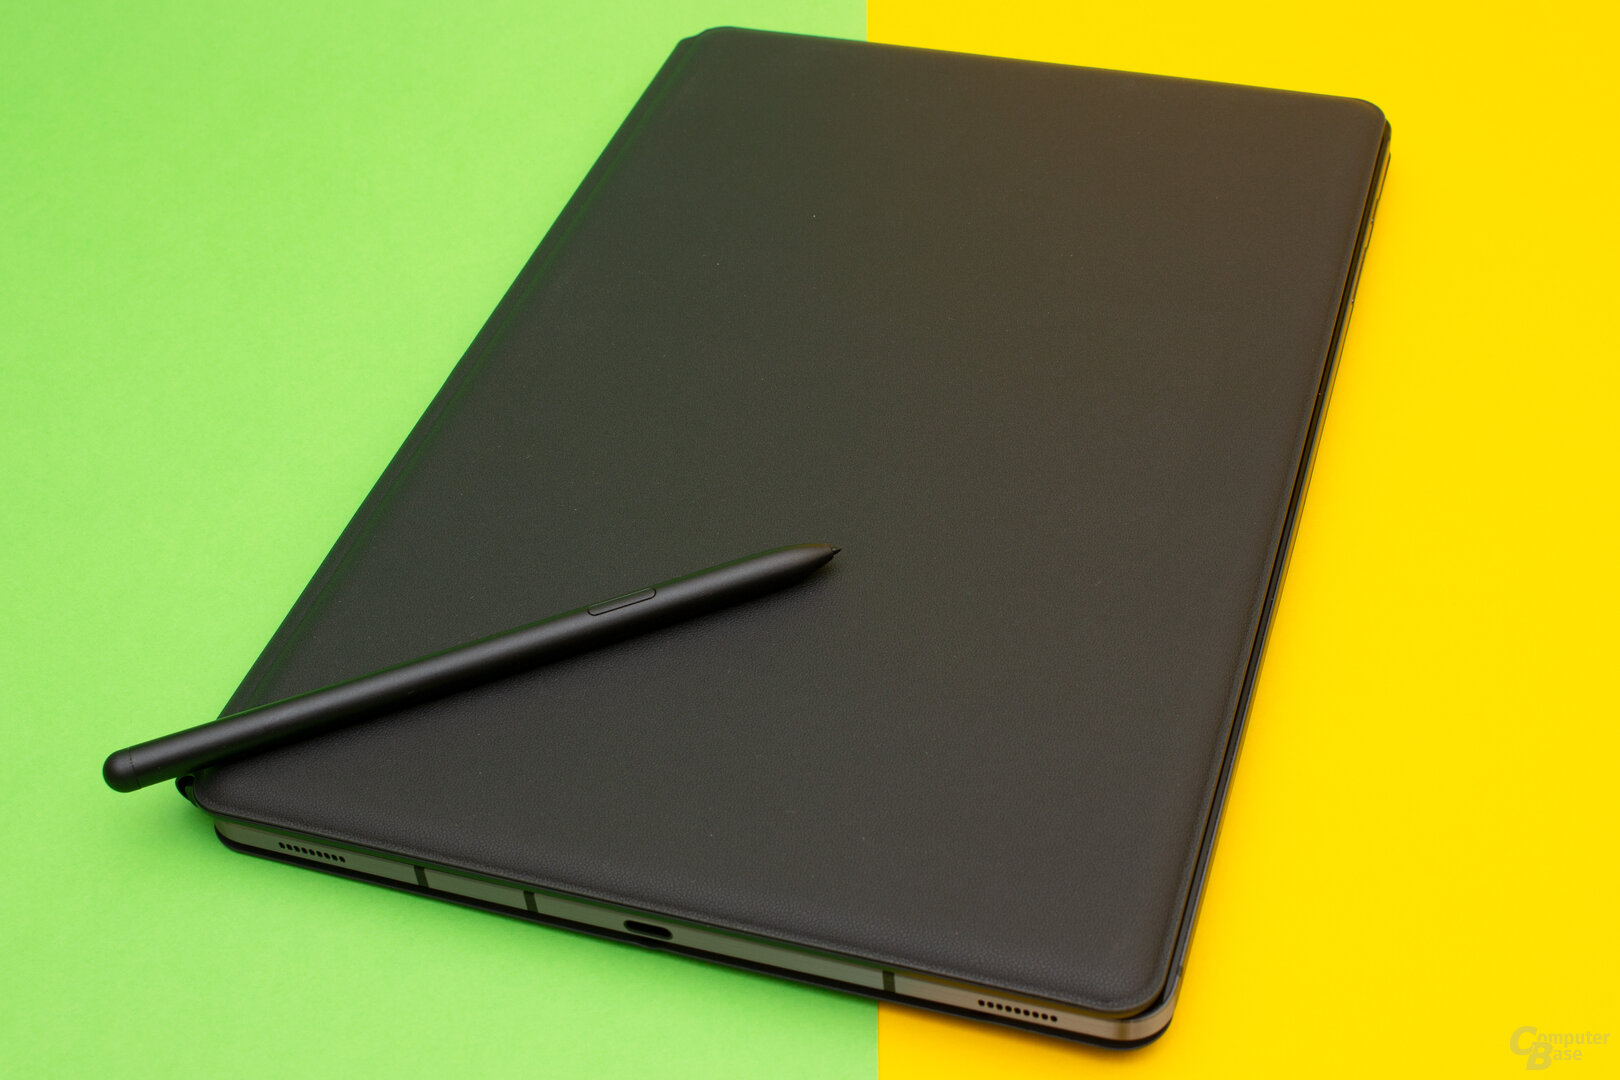 Durch die optionale Keybord-Hülle wird das Galaxy Tab S7+ gut geschützt